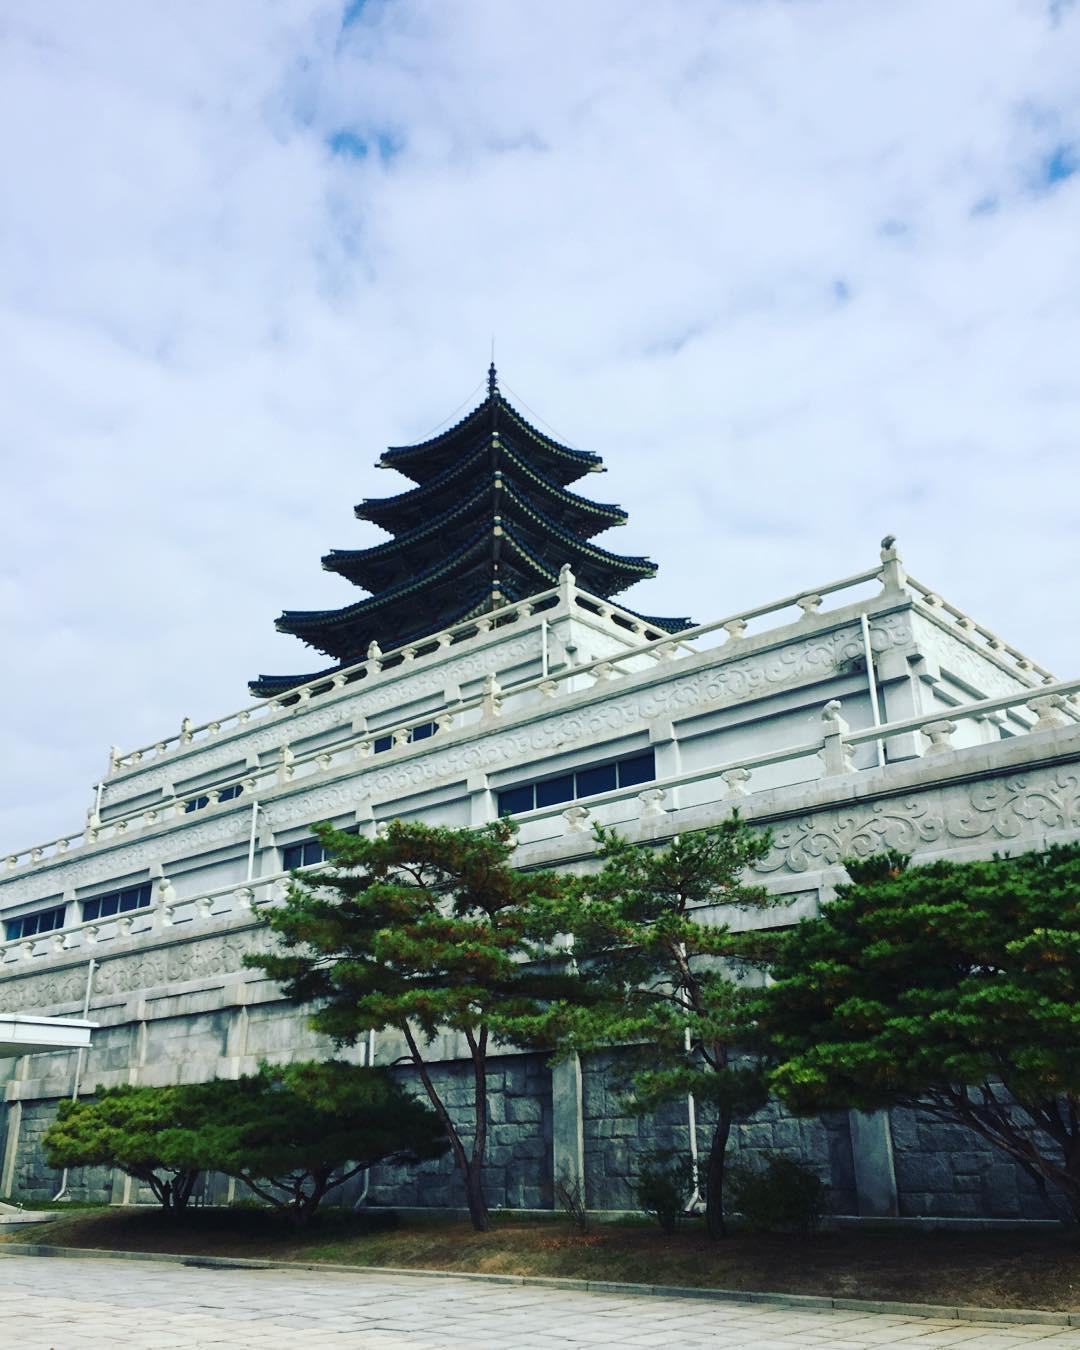 Lạc lối ở Seoul với những cung điện thường thấy trong các bộ phim cổ trang Hàn Quốc - Ảnh 22.